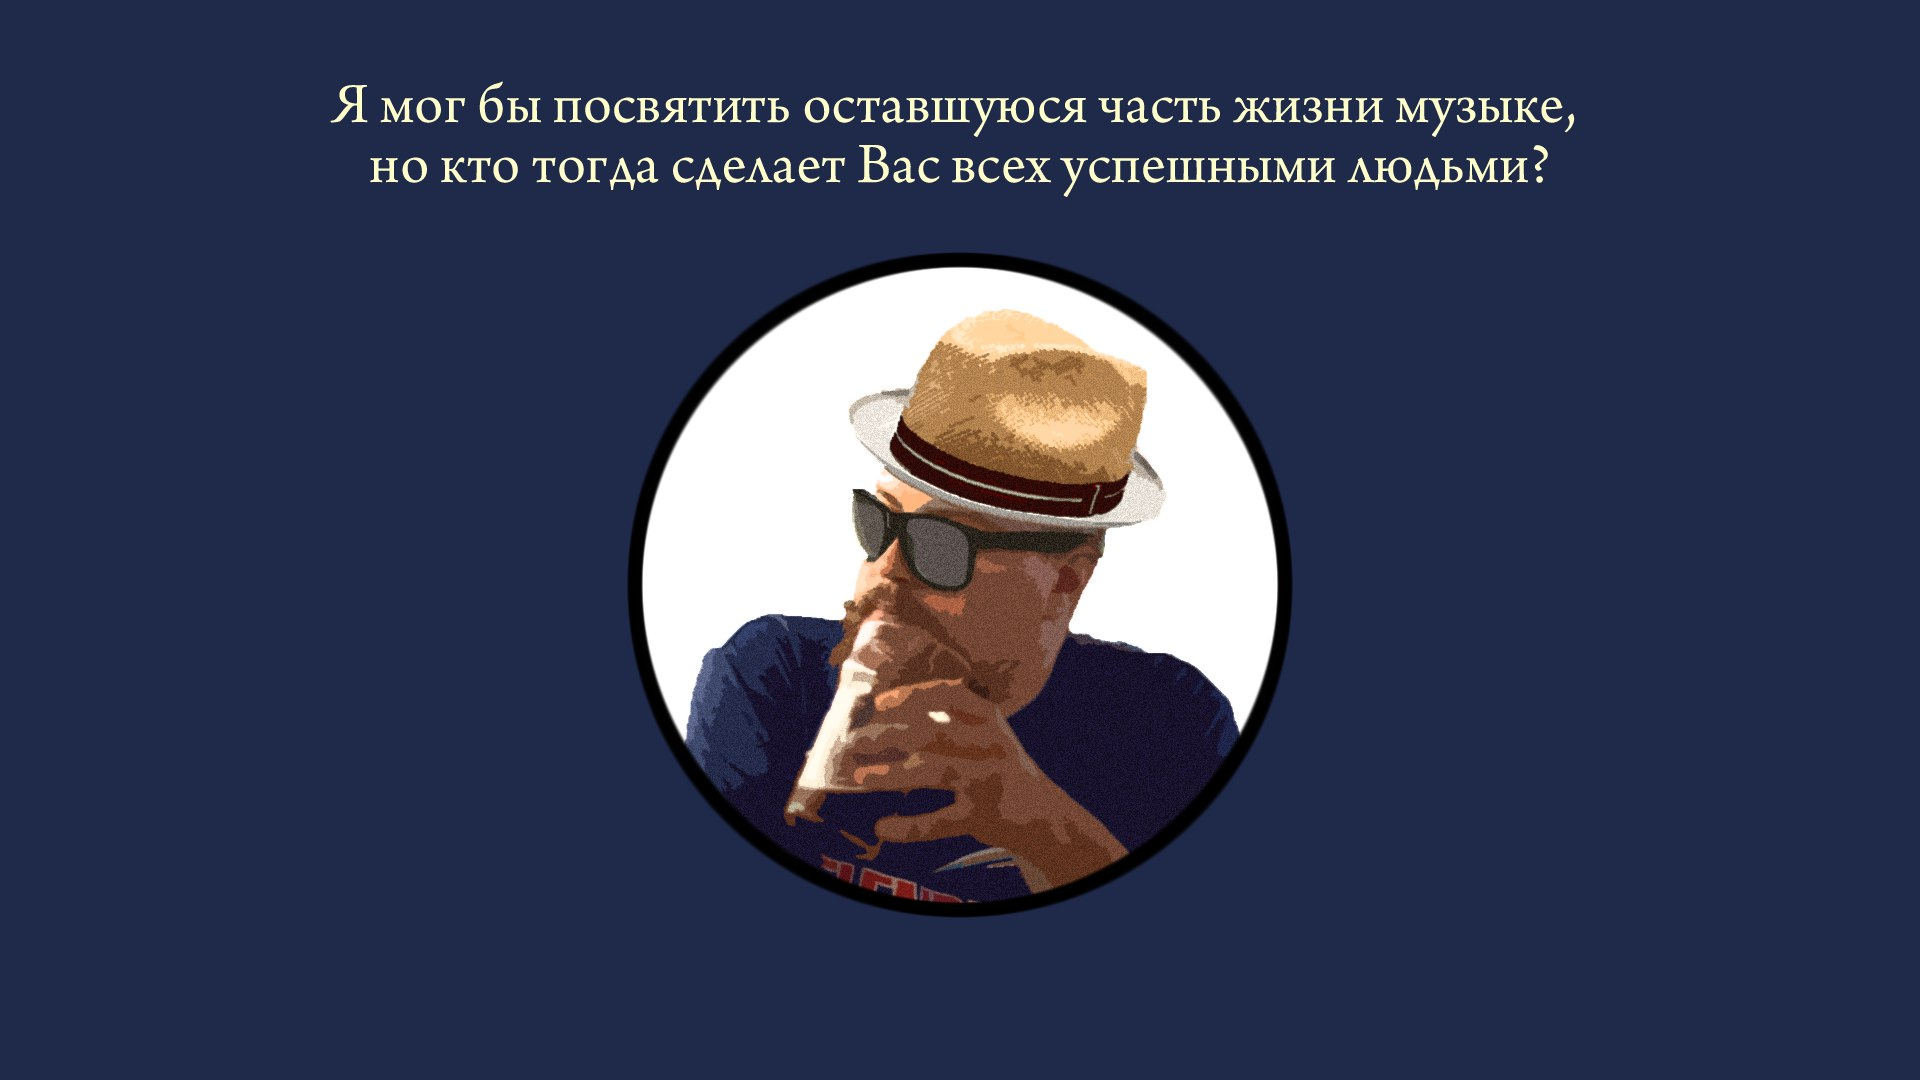 news_6075647a16a31.jpg